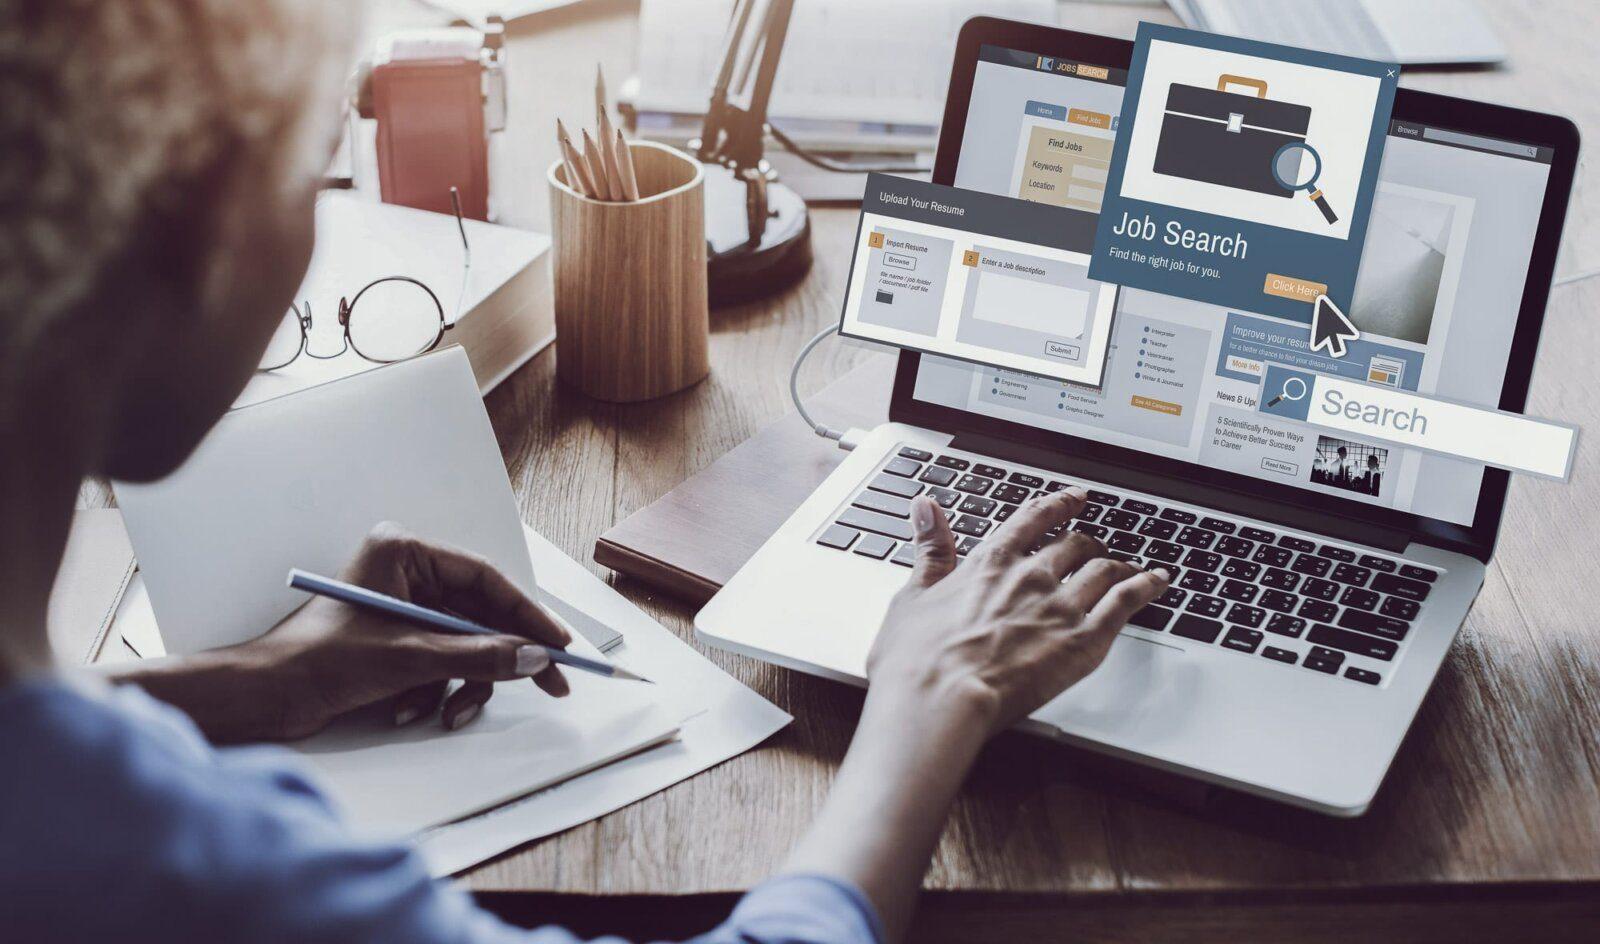 Women job searching on laptop